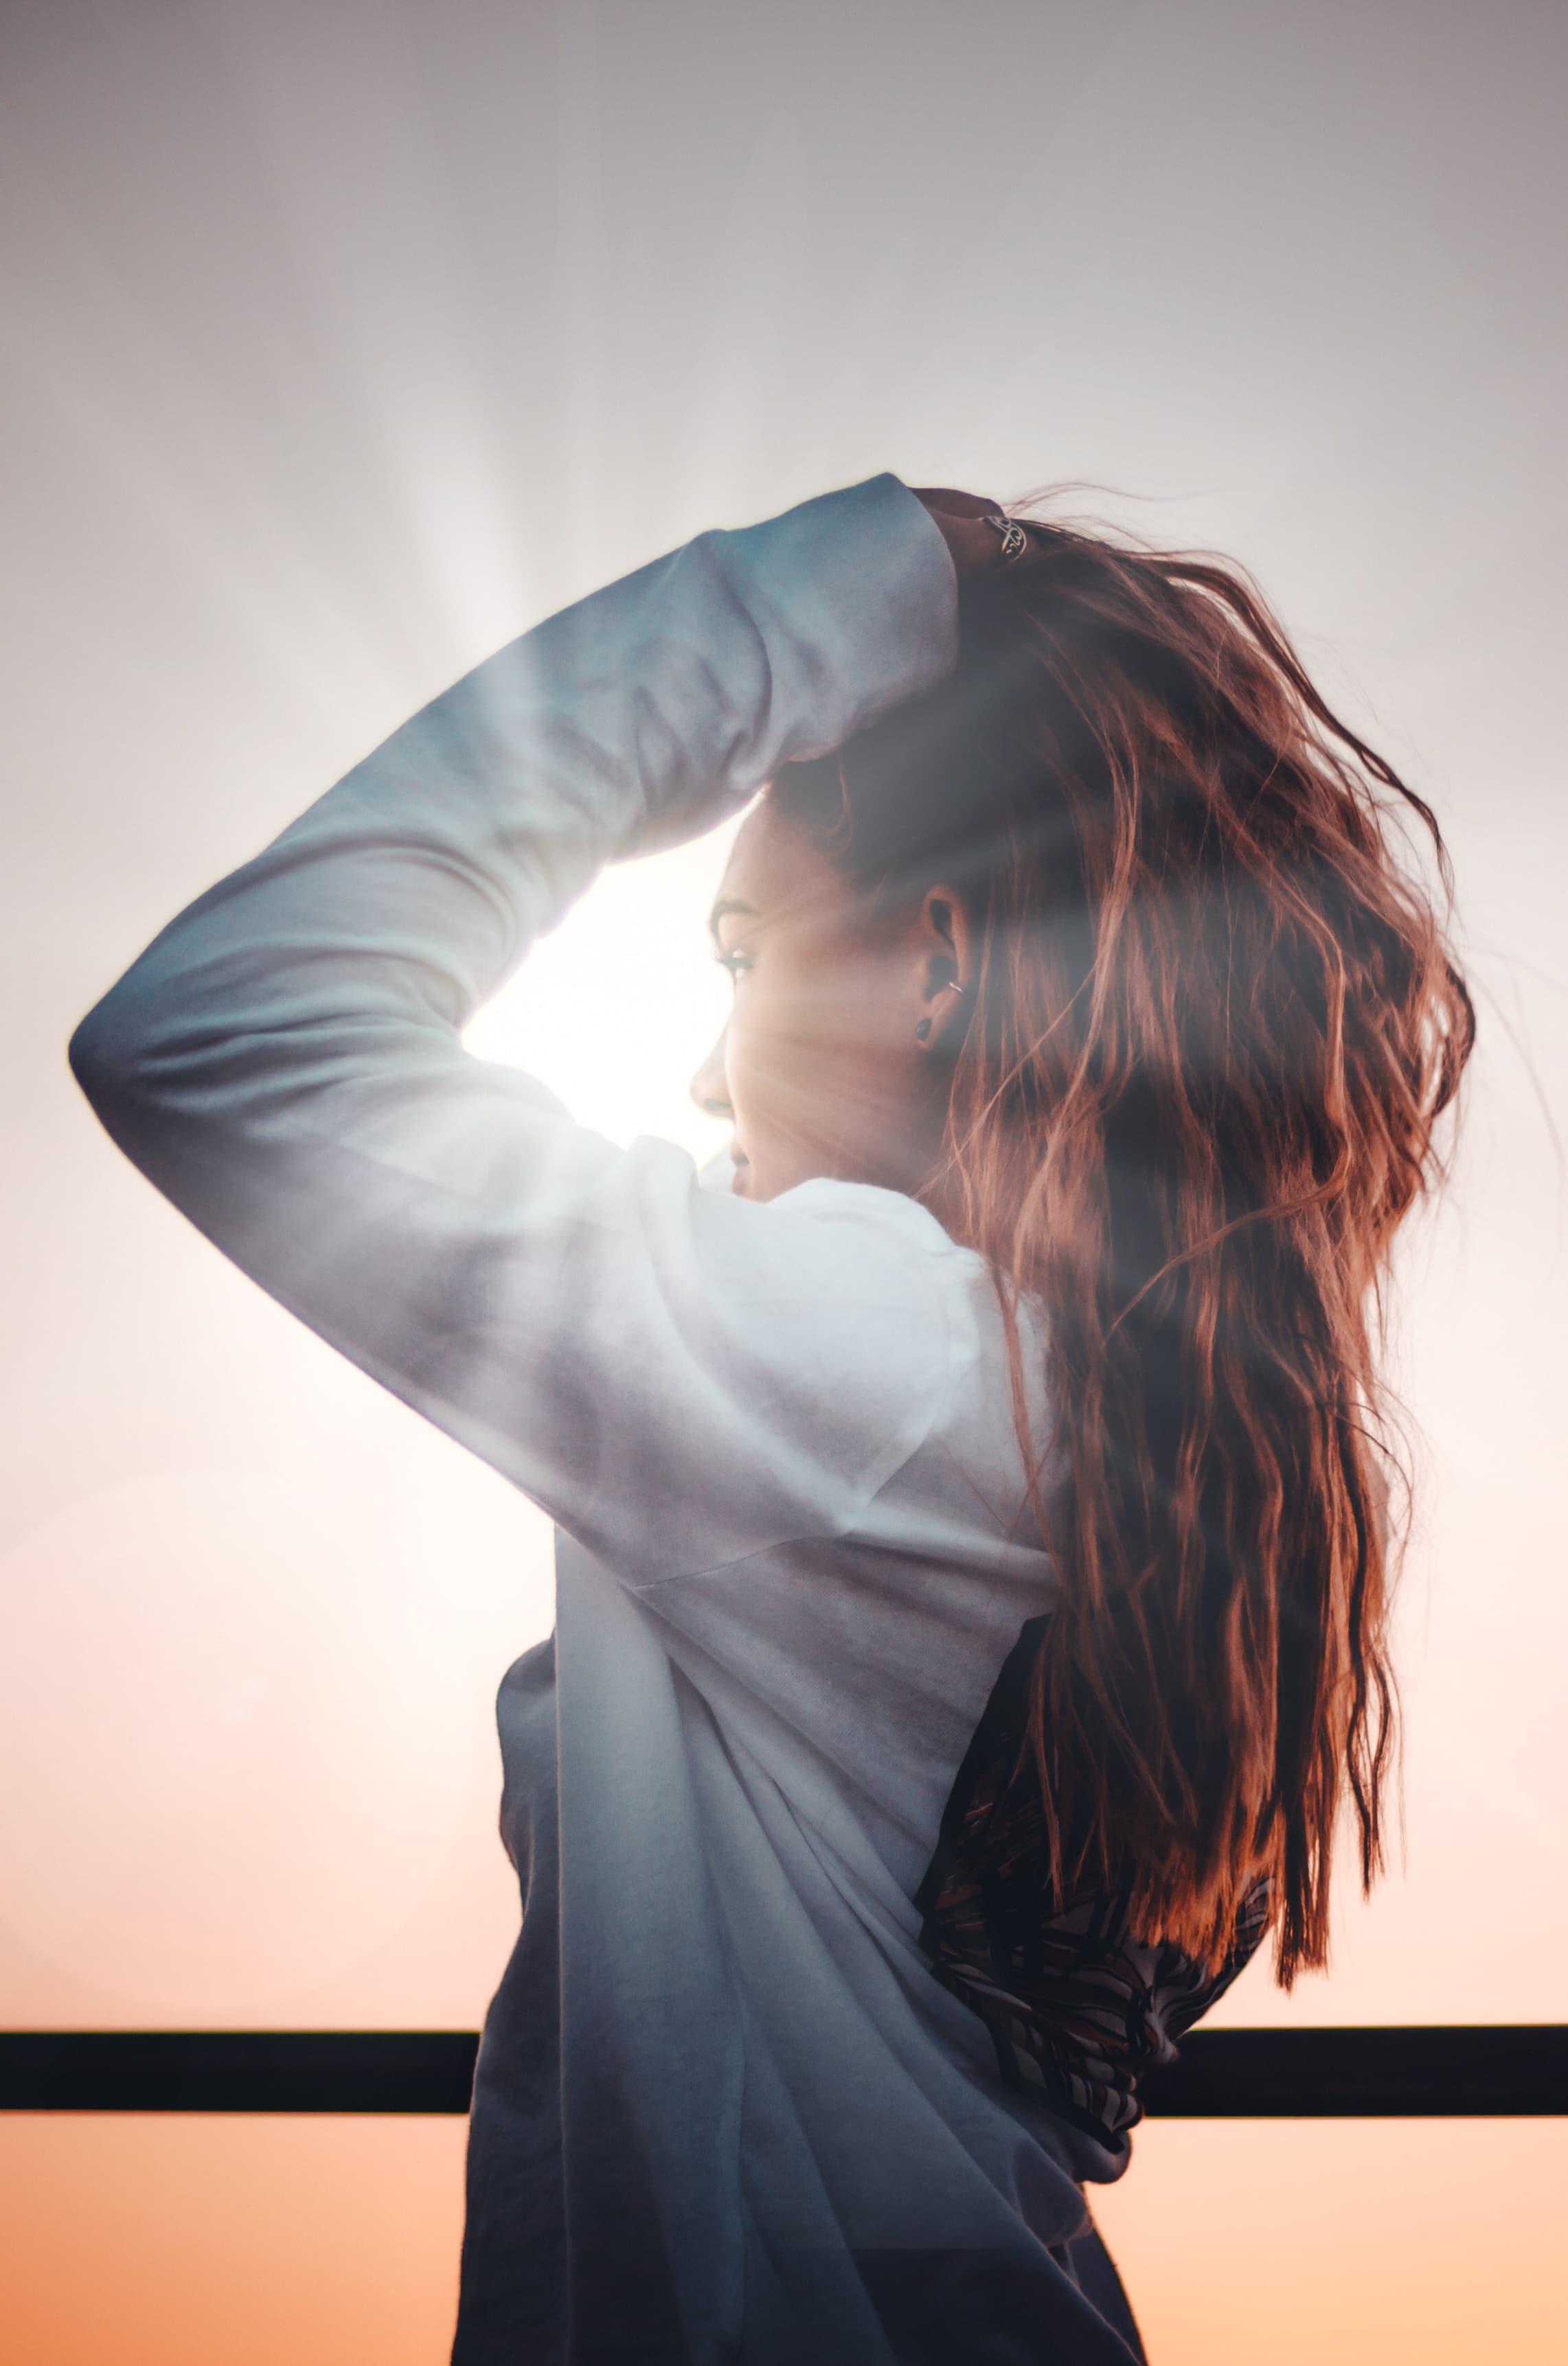 Garota de perfil de blusa cinza com um dos braços levantados colocando seus longos cabelos castanhos para trás. Ao fundo, o brilho do sol incide sobre sua face.